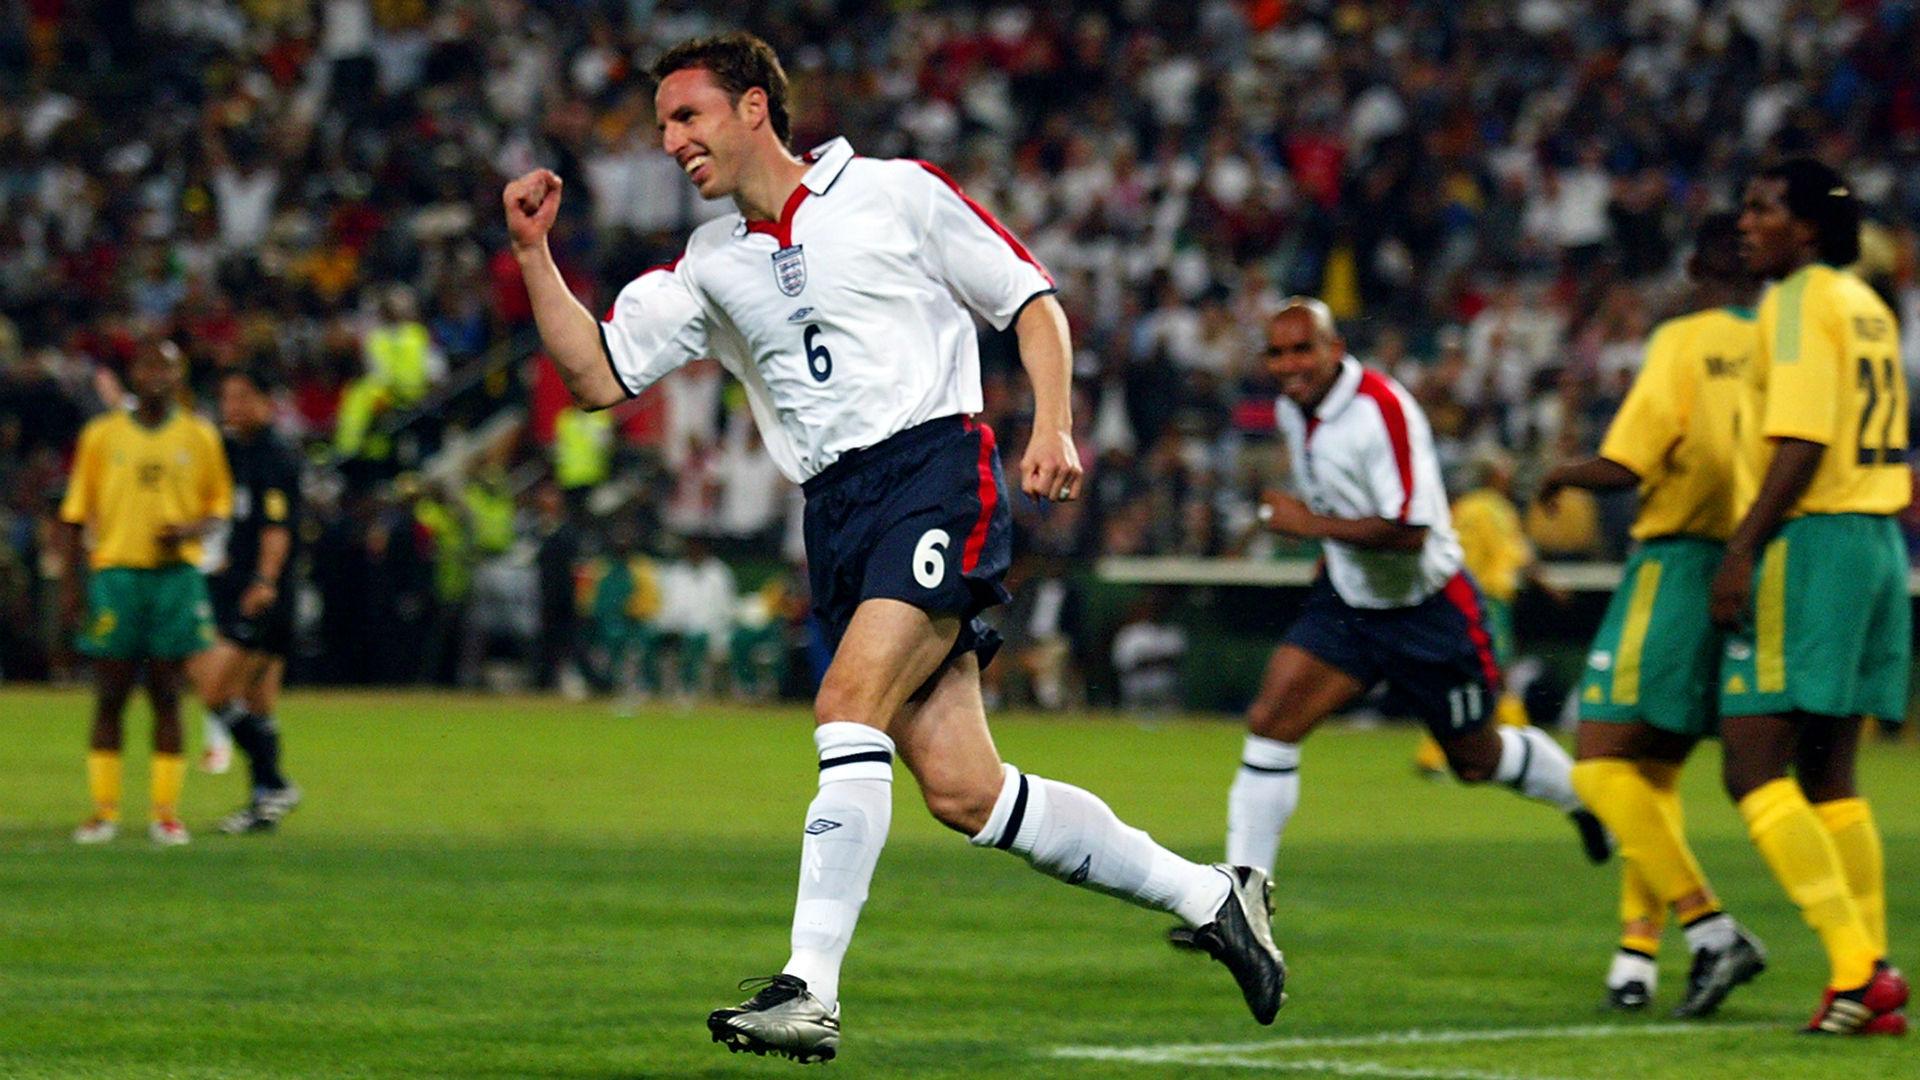 Gareth Southgate, South Africa v England 2003